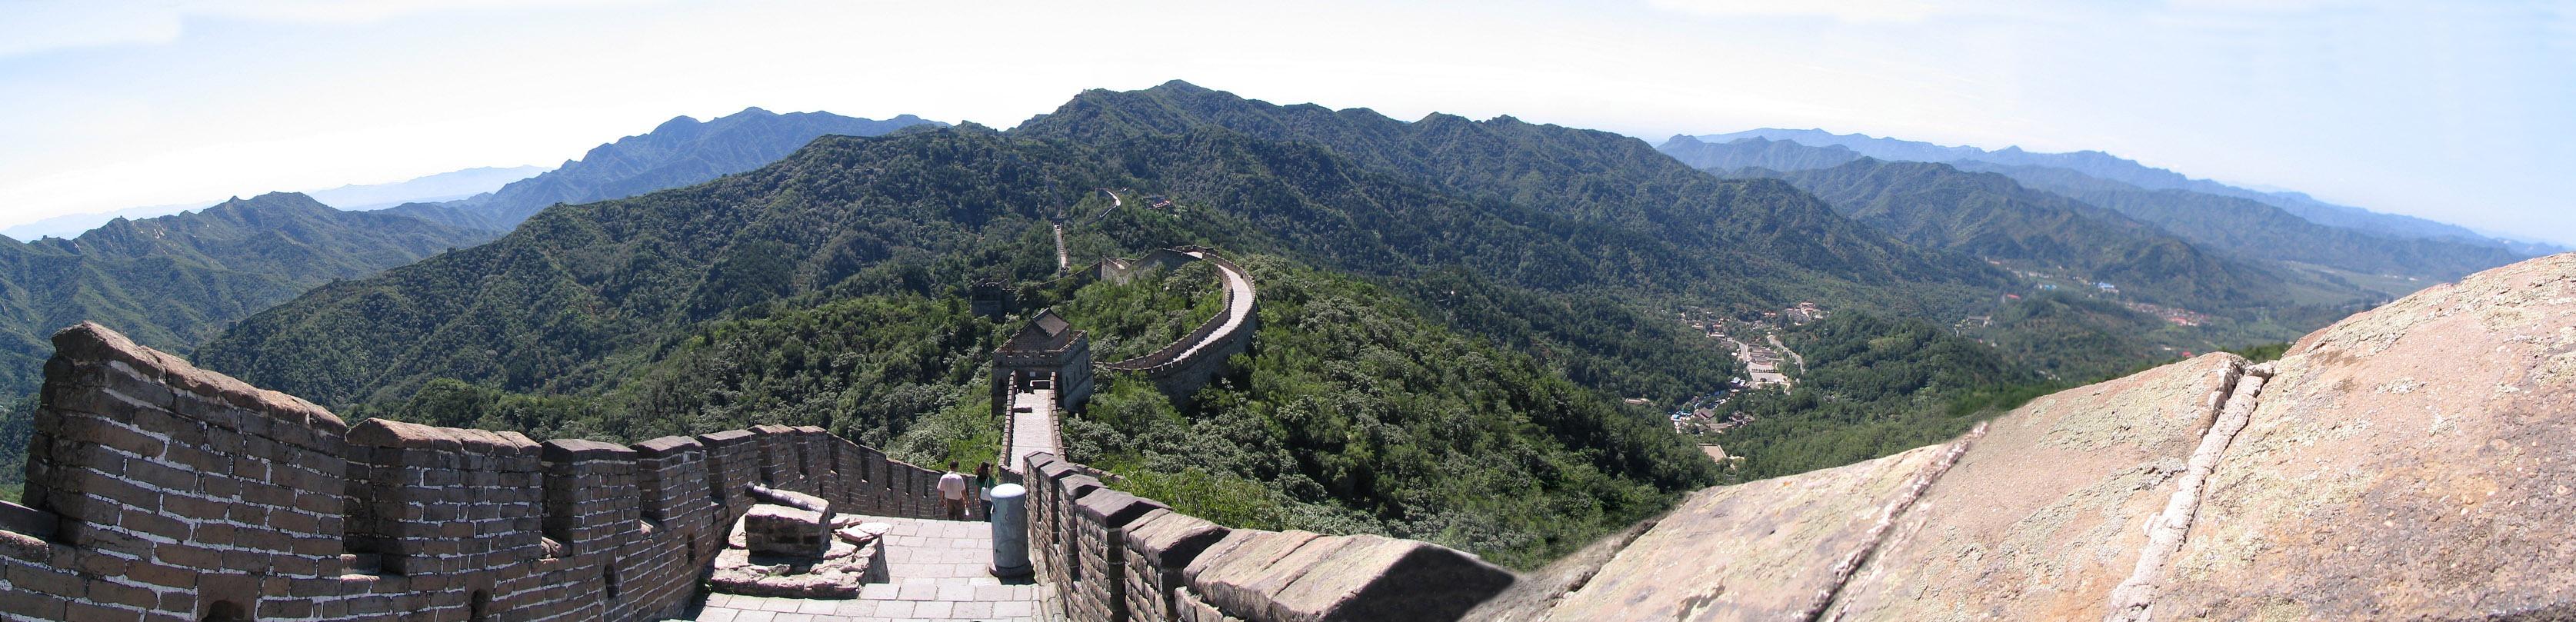 Marele Zid Chinezesc Foto: wikipedia.org